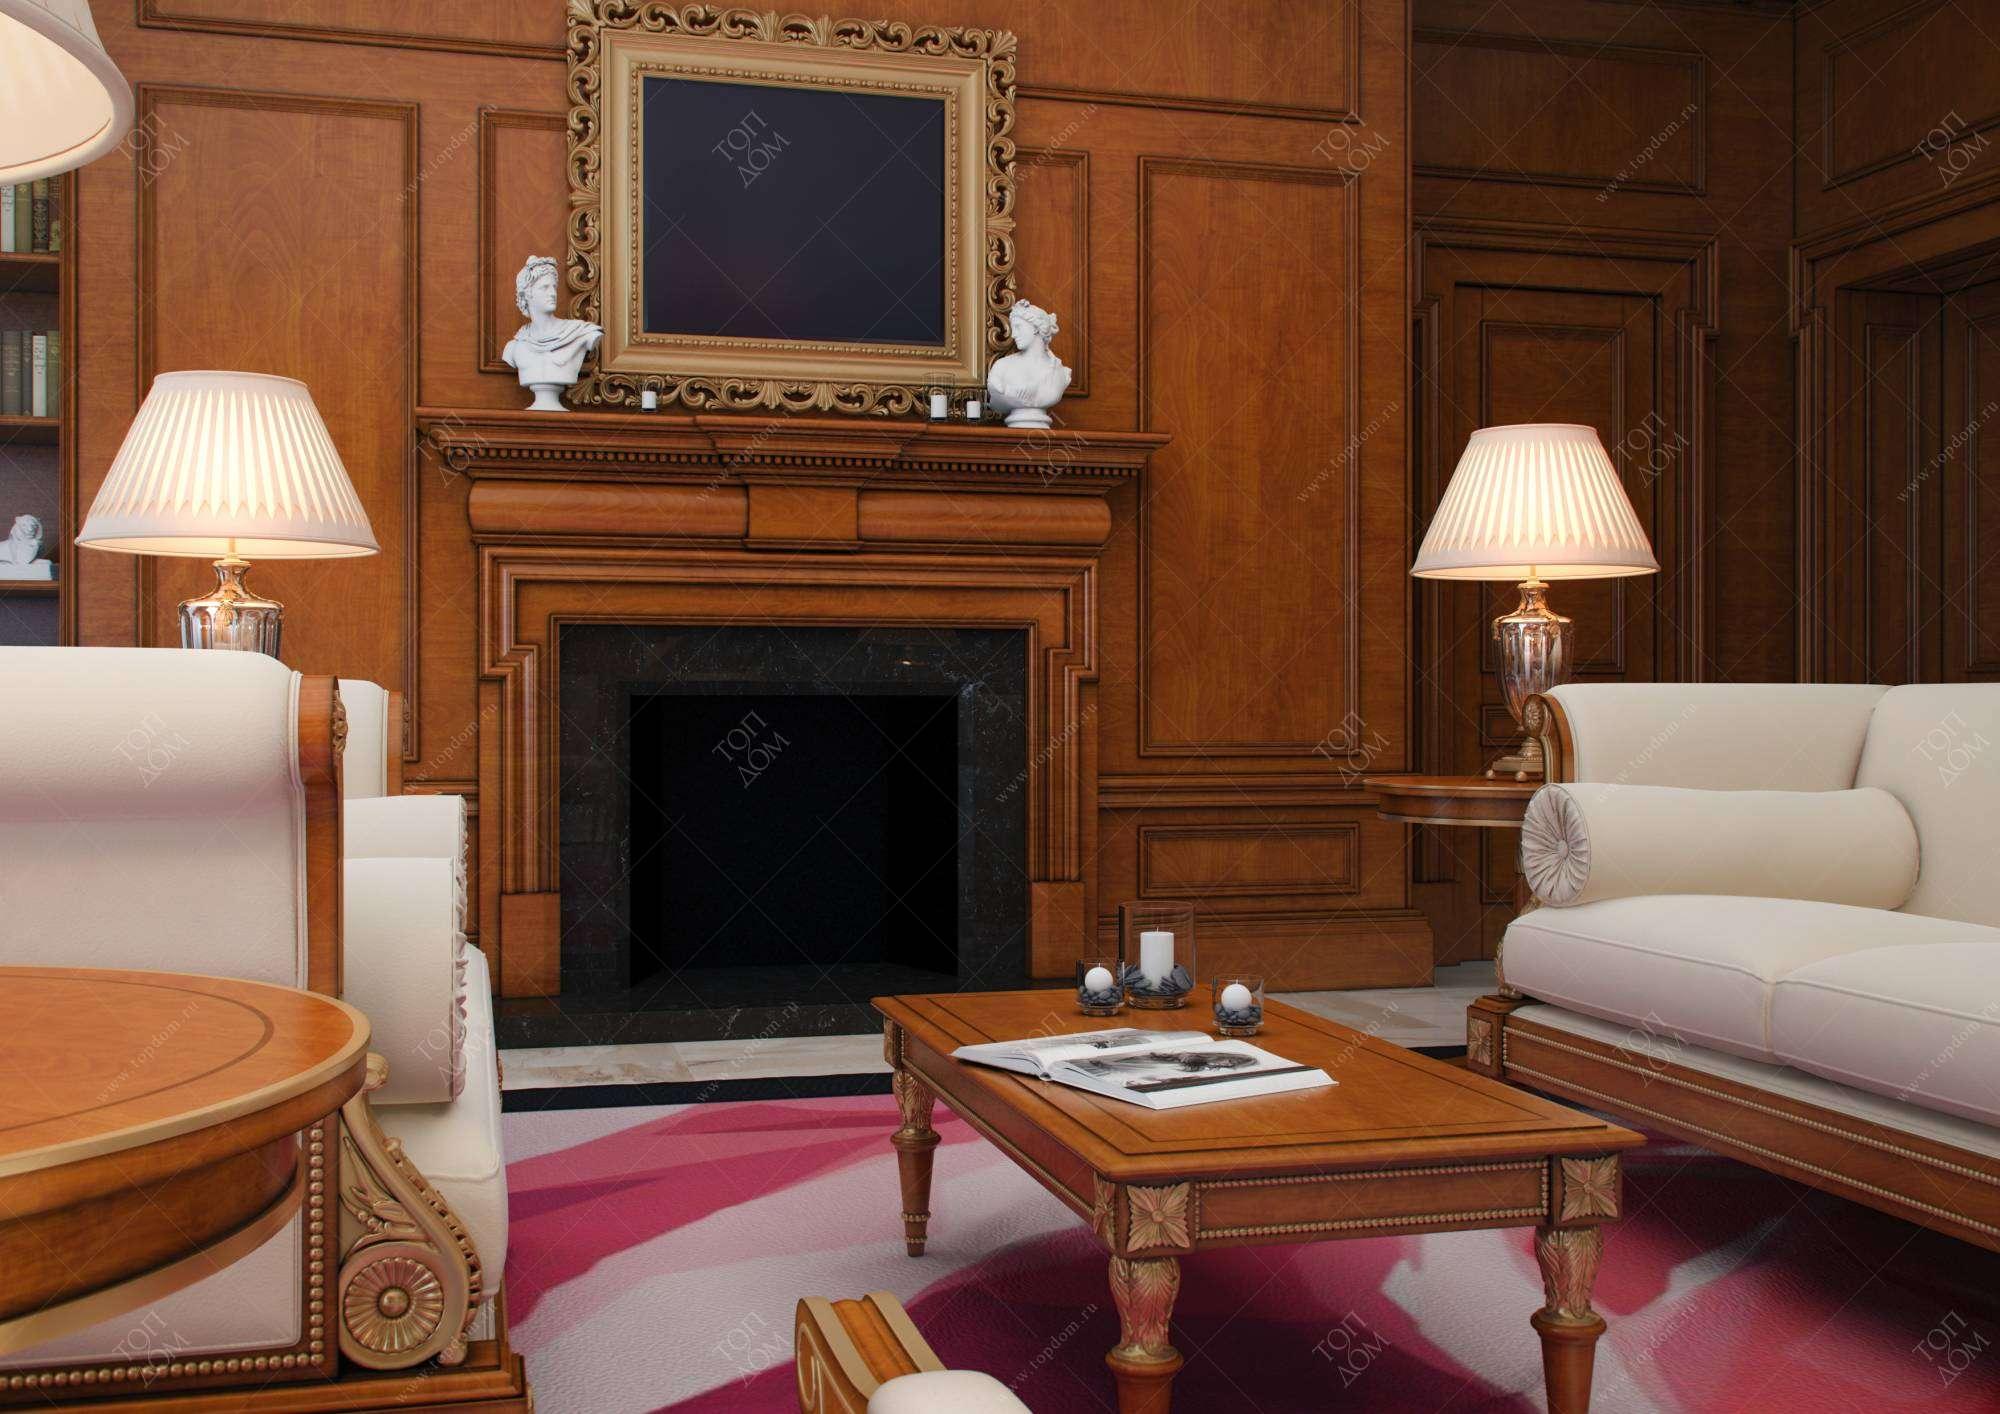 39 современных идей дизайна разных комнат в квартире Новинки 593